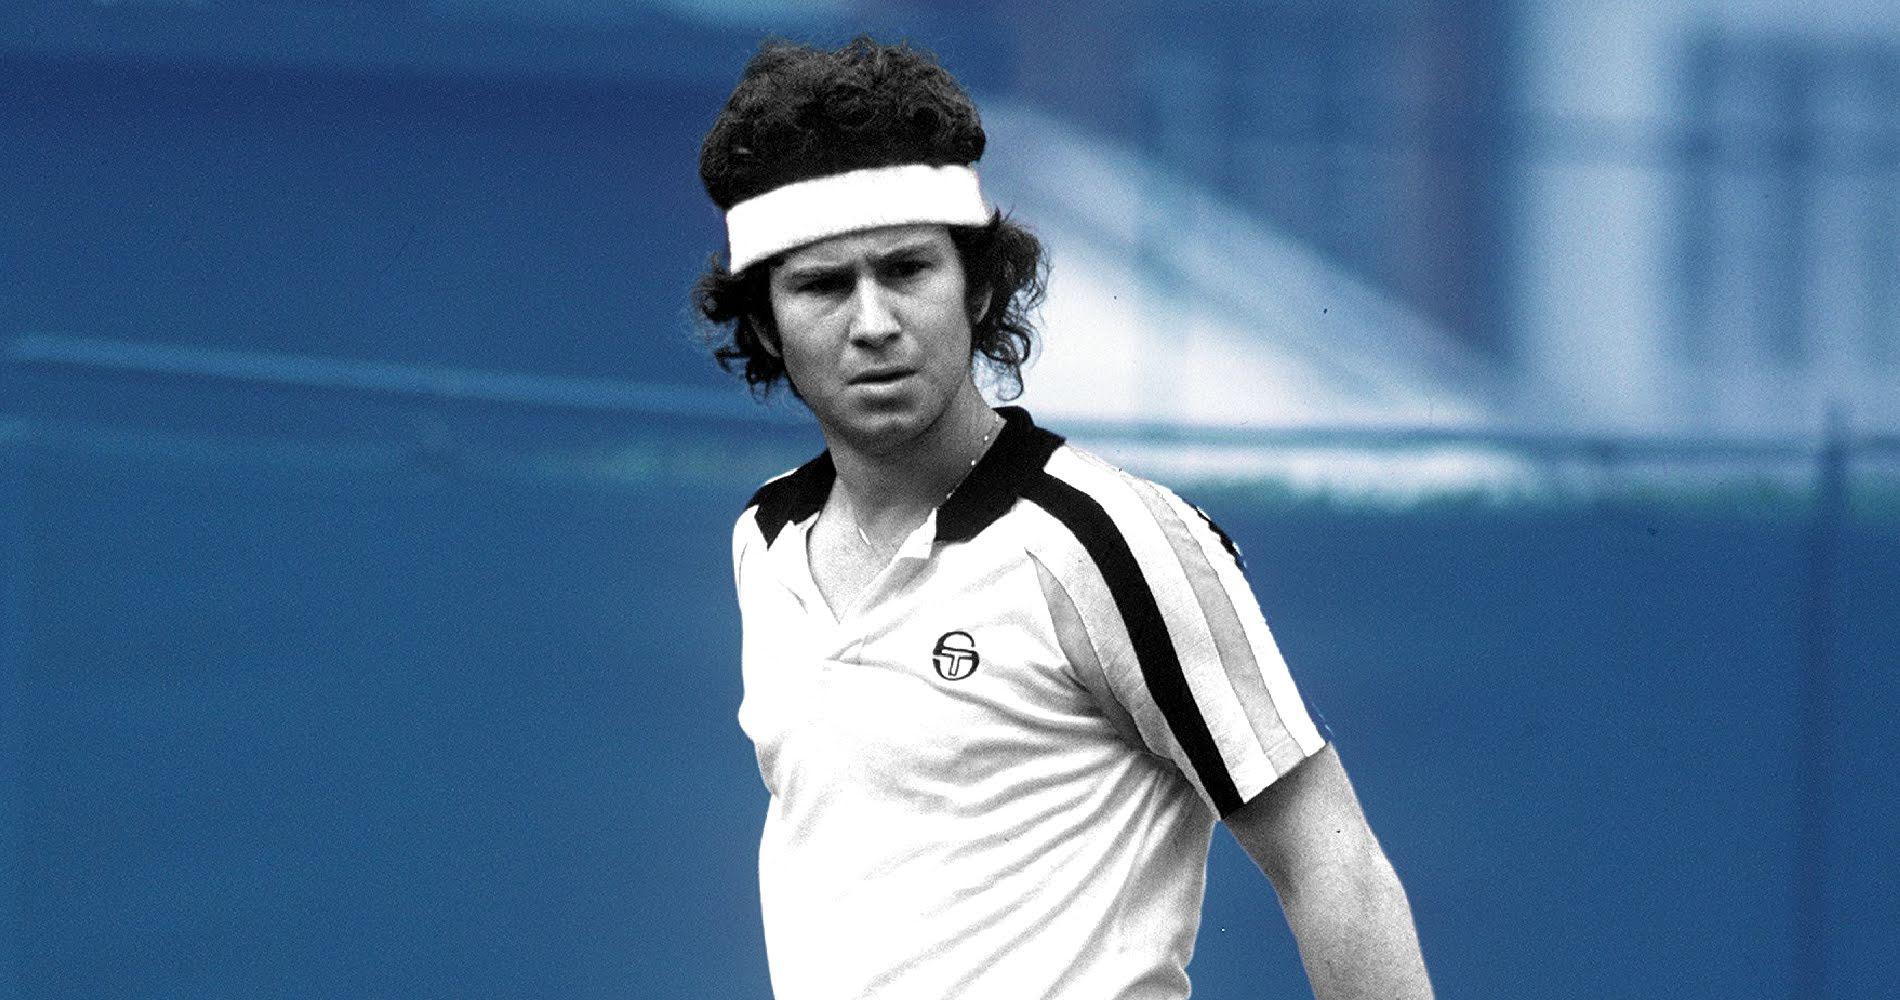 John McEnroe, On This Day